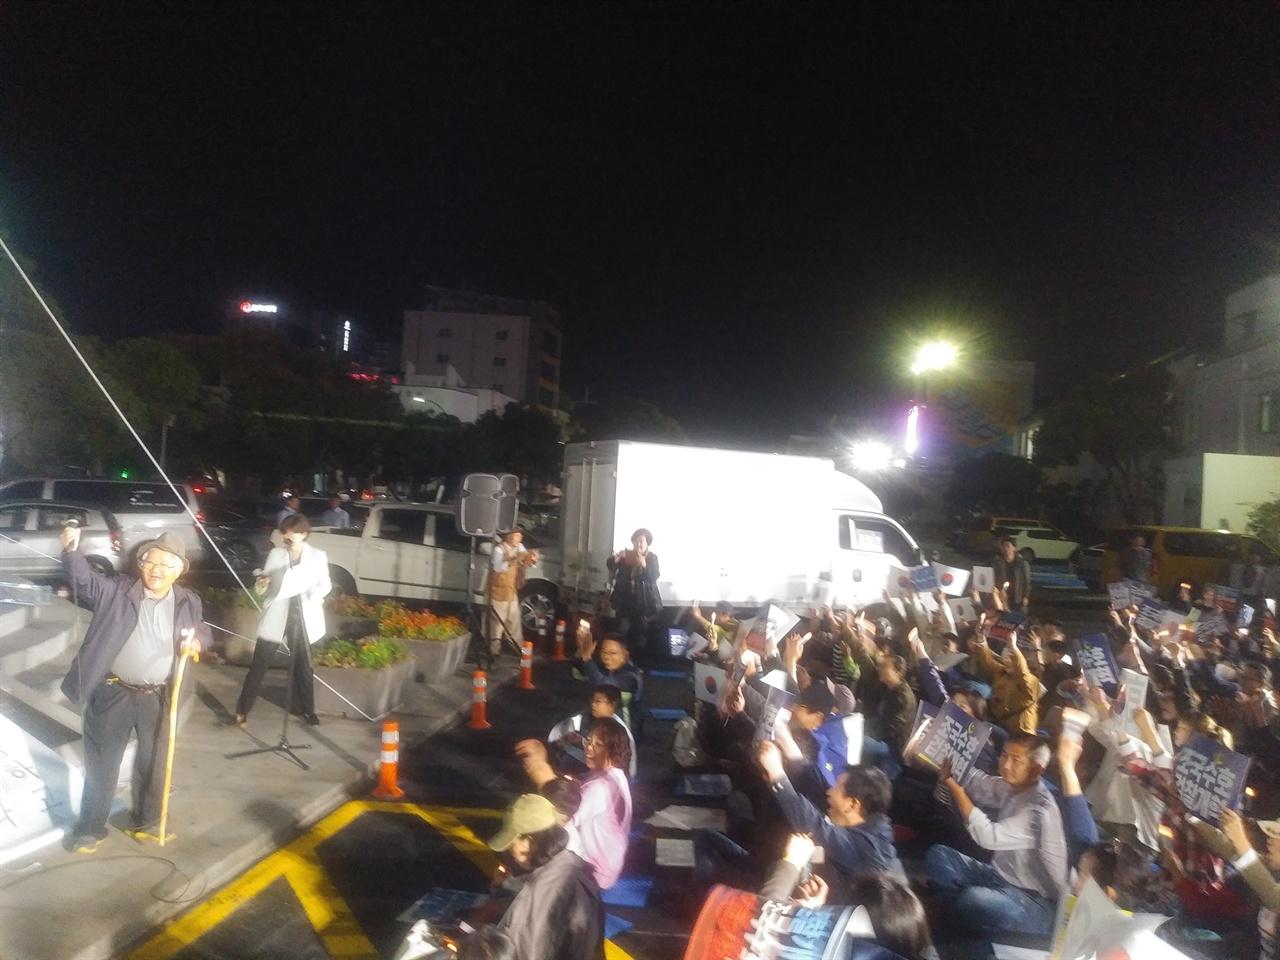 제주촛불집회 대규모 서초촛불집회가 열린 12일, 제주에서도 '검찰이 왕이우꽈?' 집회가 열려 시민들이 '검찰개혁, 조국수호'를 연호하고 있다.